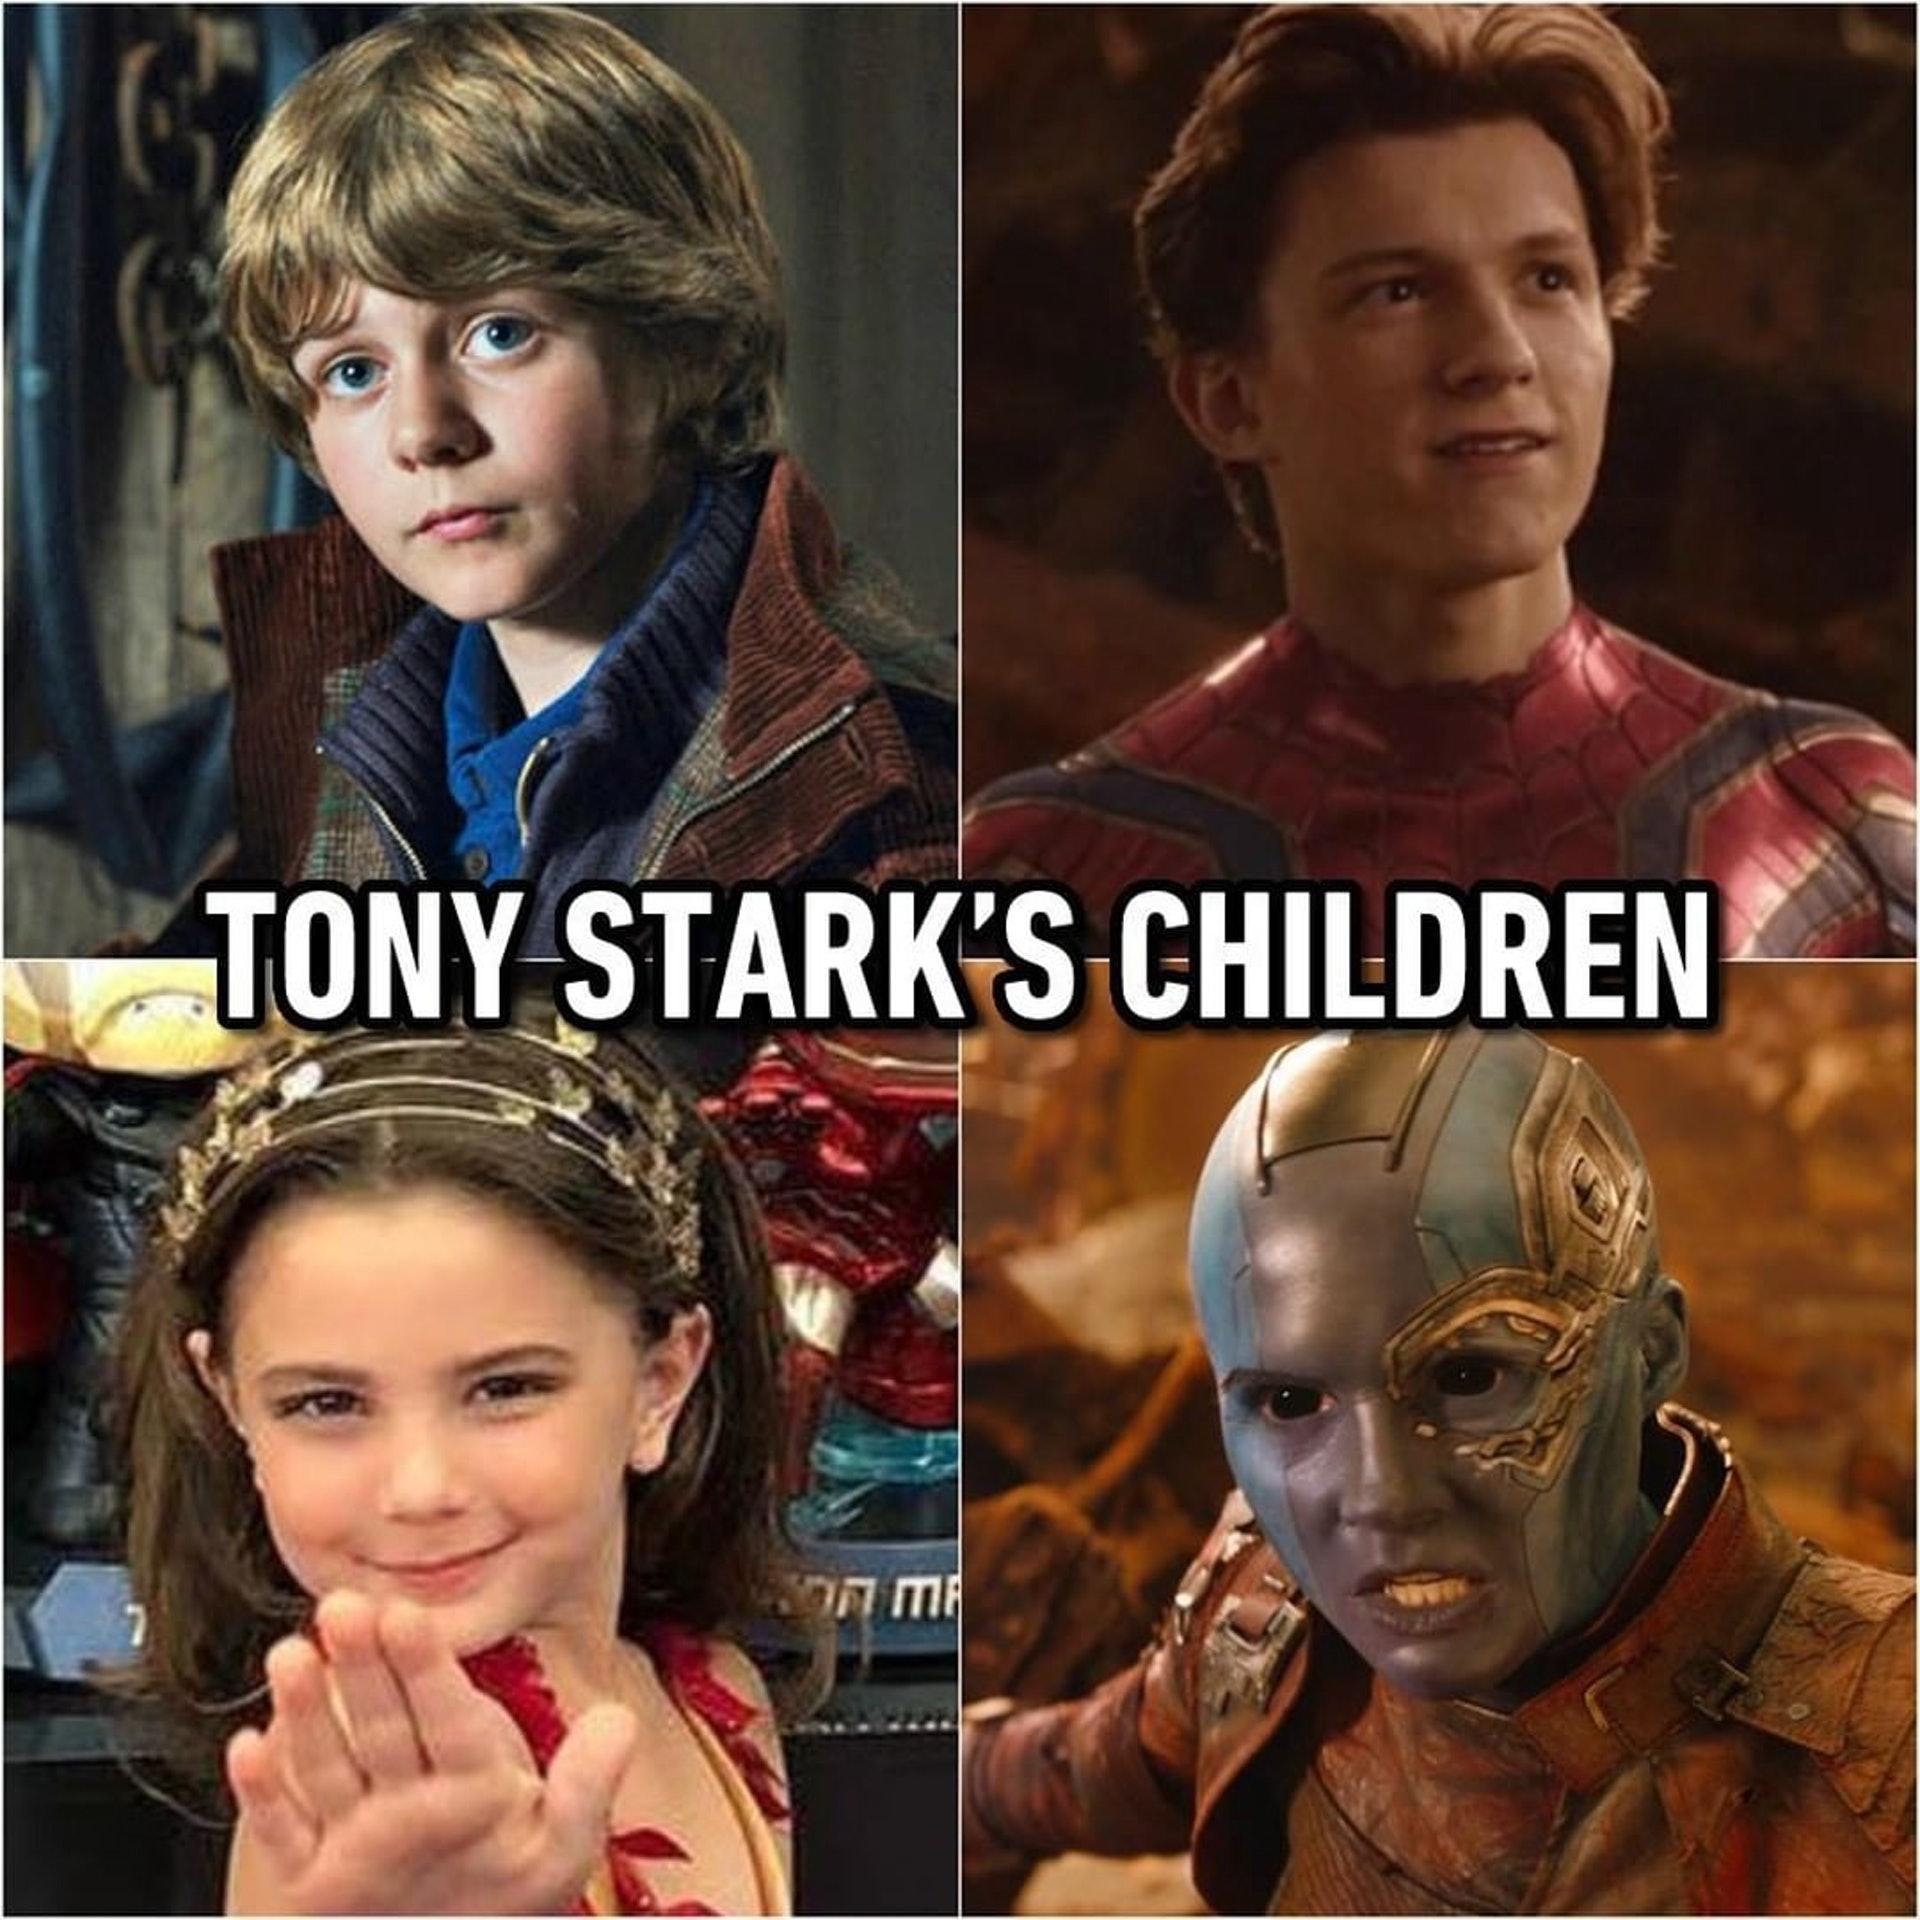 有網民指,其實「鐵甲奇俠」有4個孩子?(IG 相片)